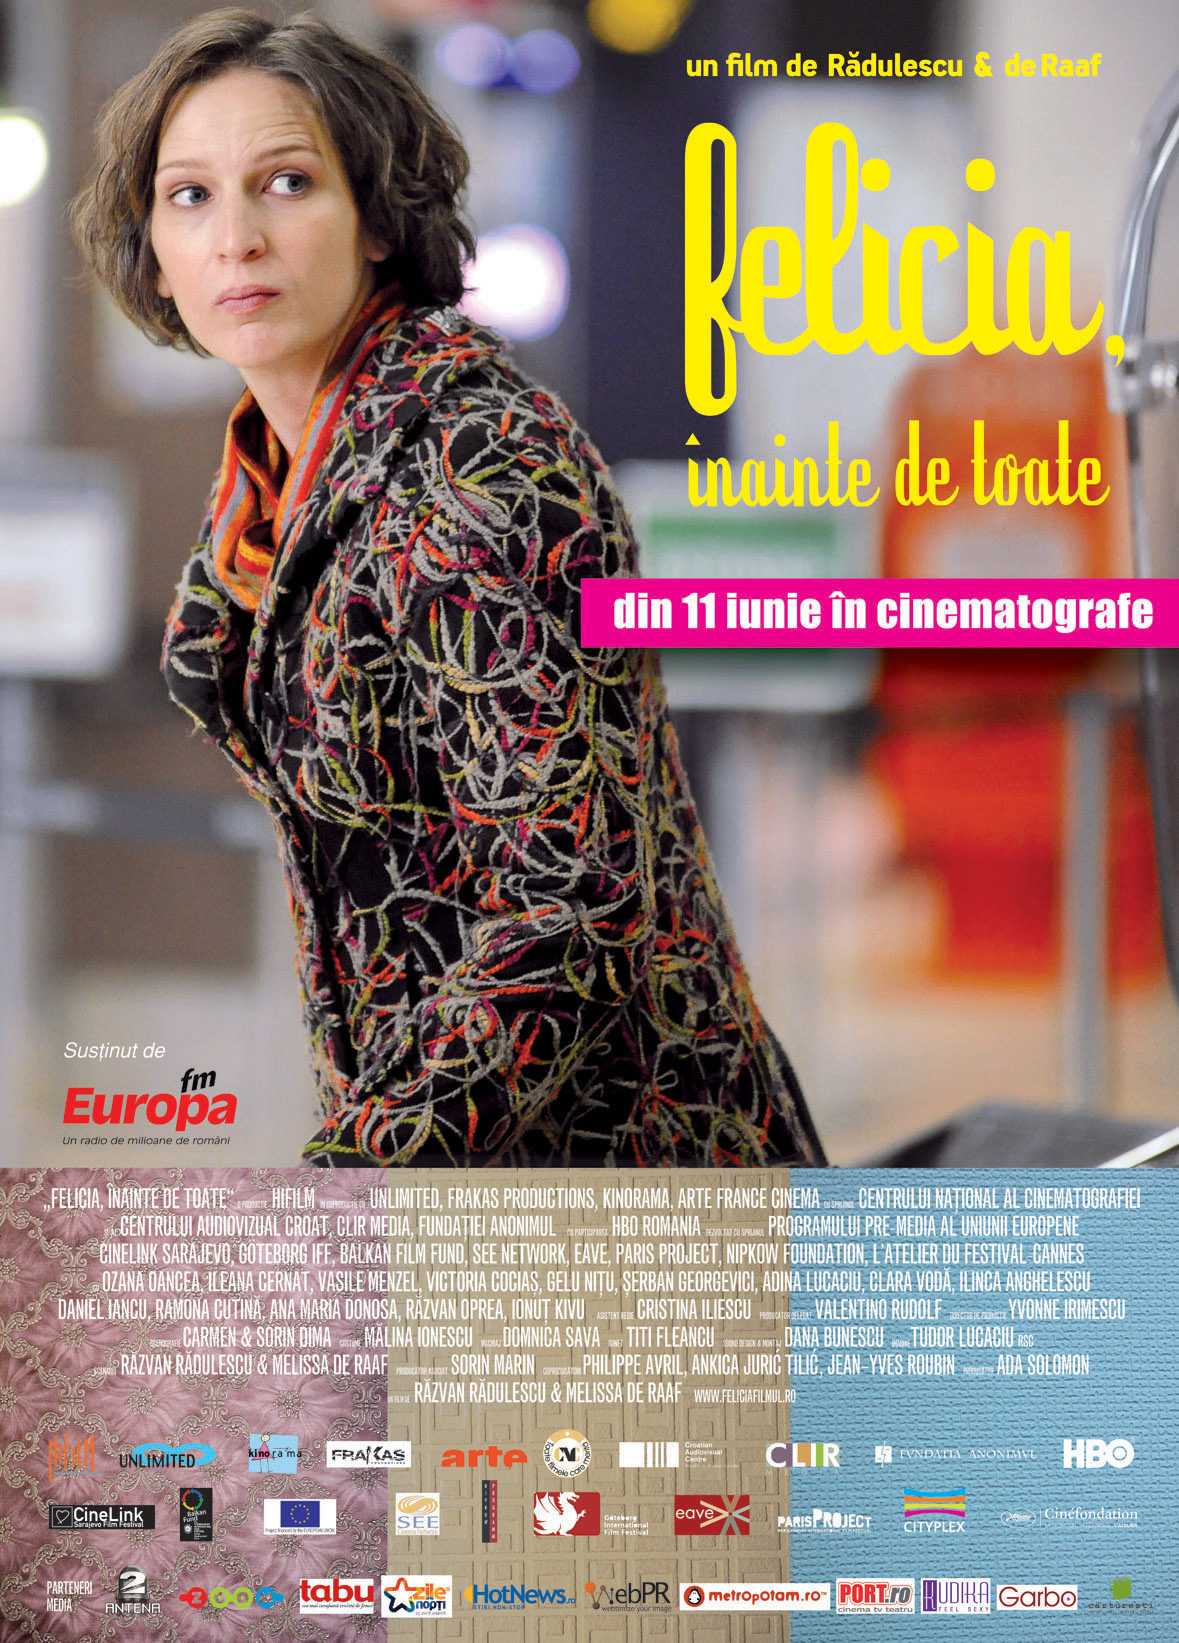 Felicia, înainte de toate (2009) - Photo